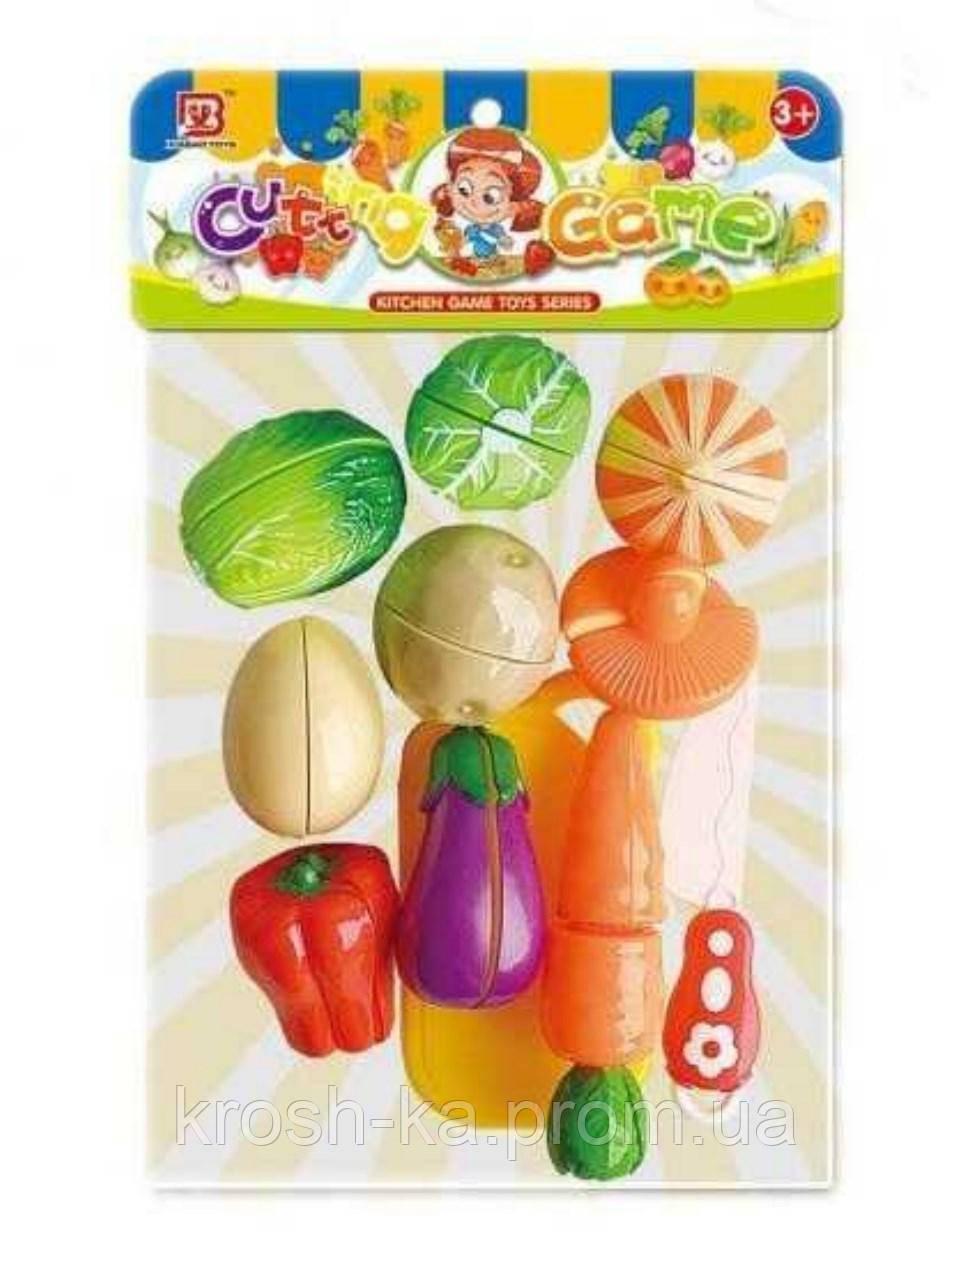 Игровой набор овощей на липучках Китай 2202